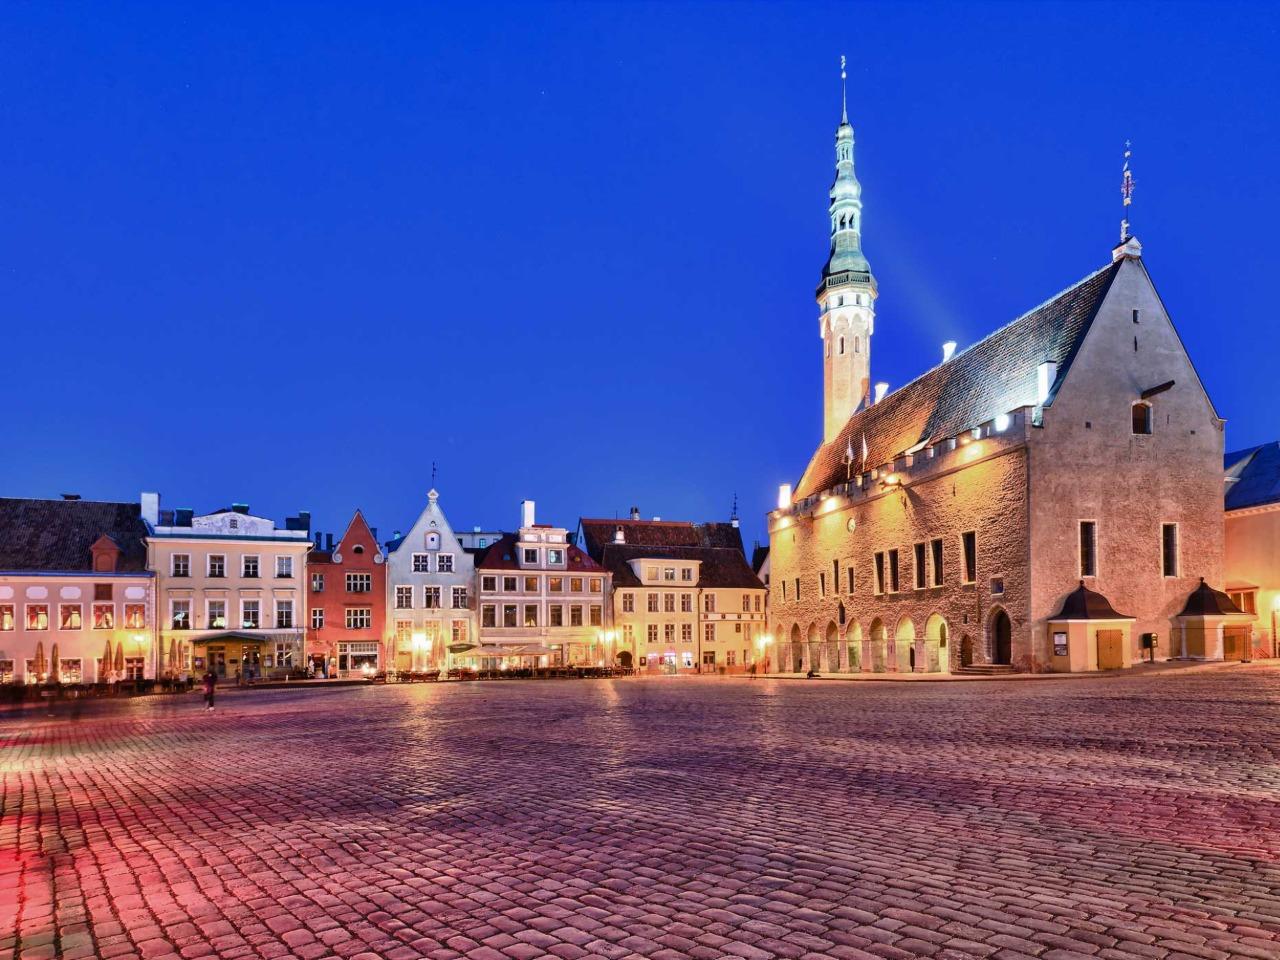 Таллинская ратуша - сердце города - индивидуальная экскурсия в Таллине от опытного гида